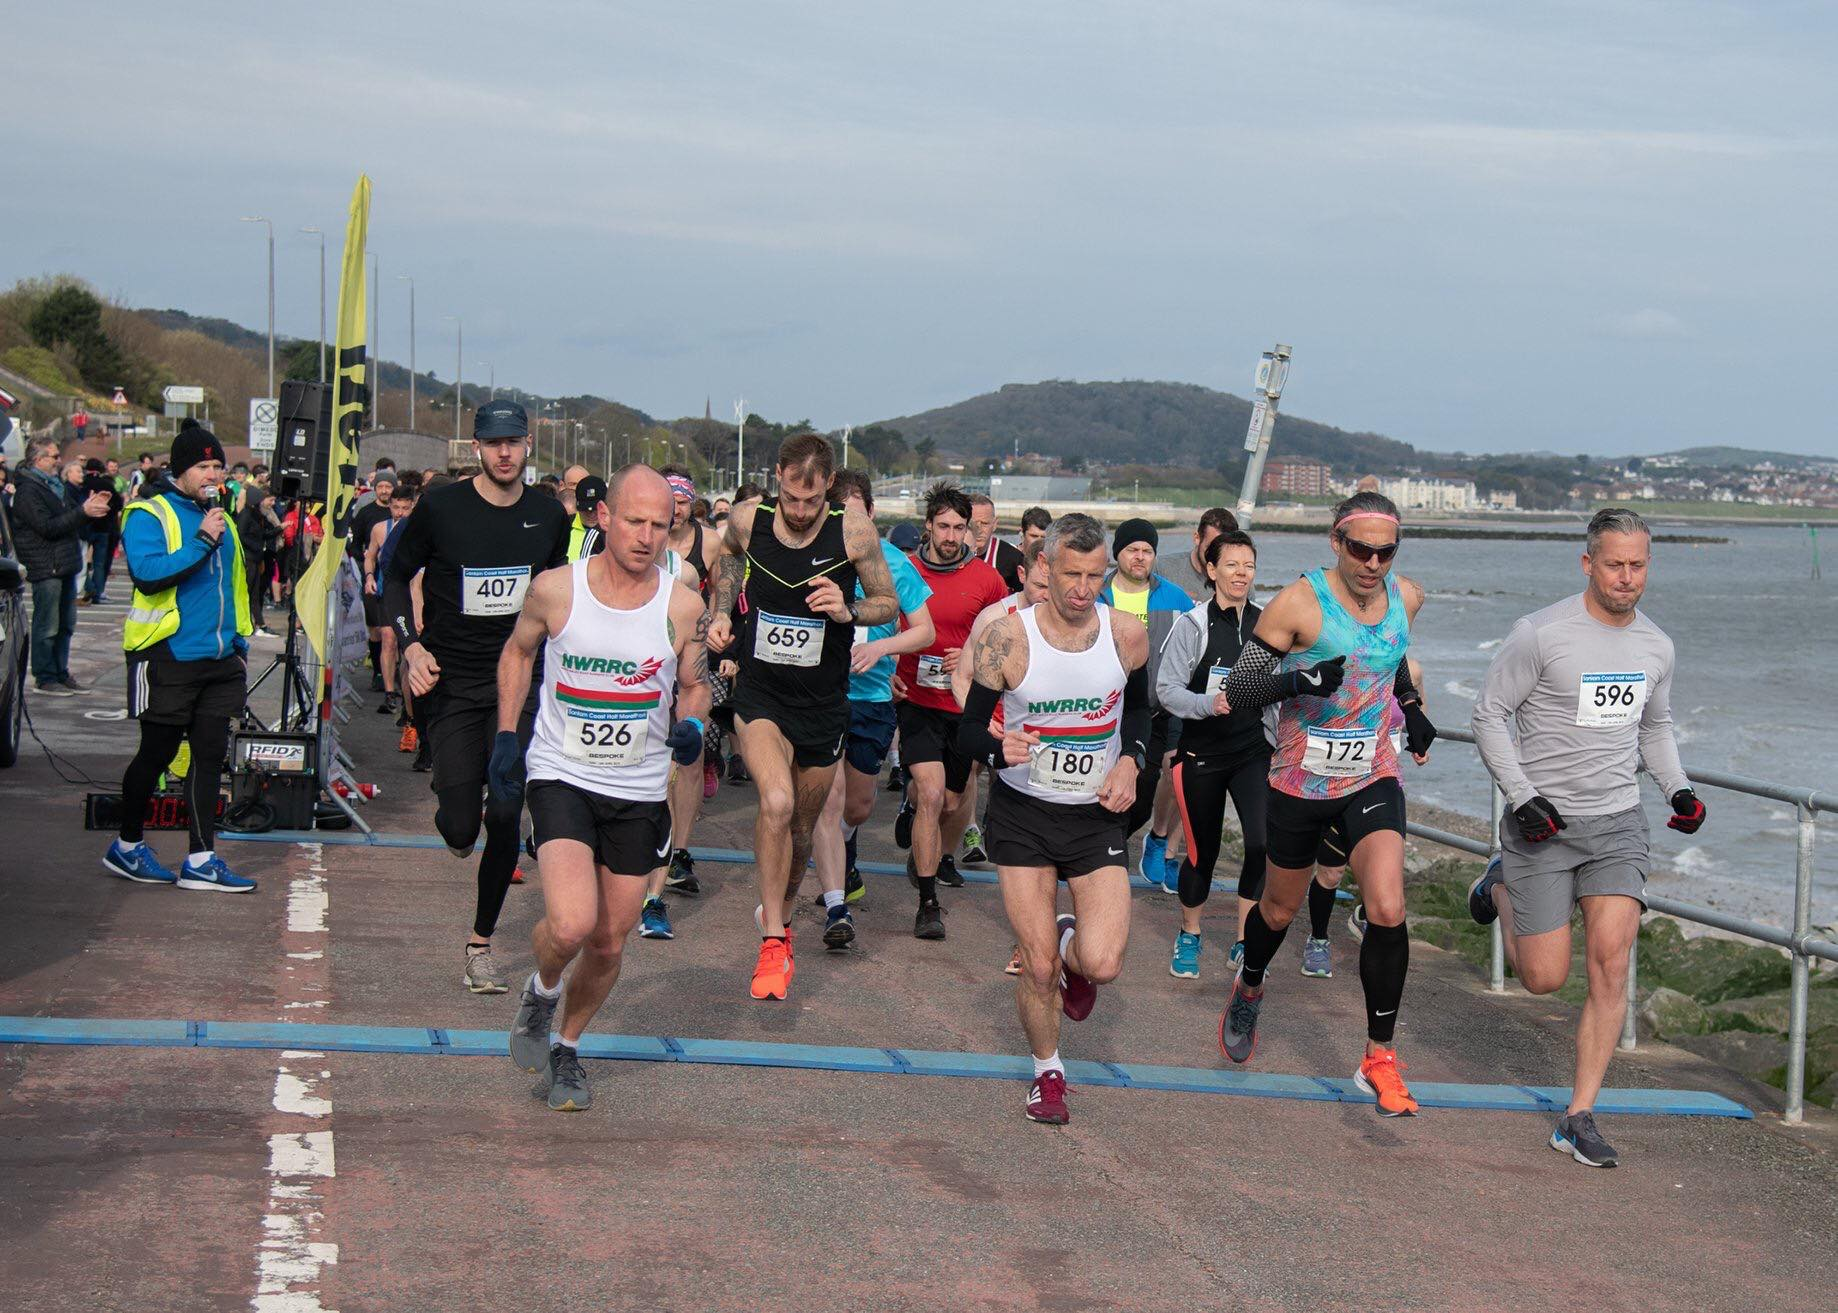 Sanlam Coast Half Marathon - cover image